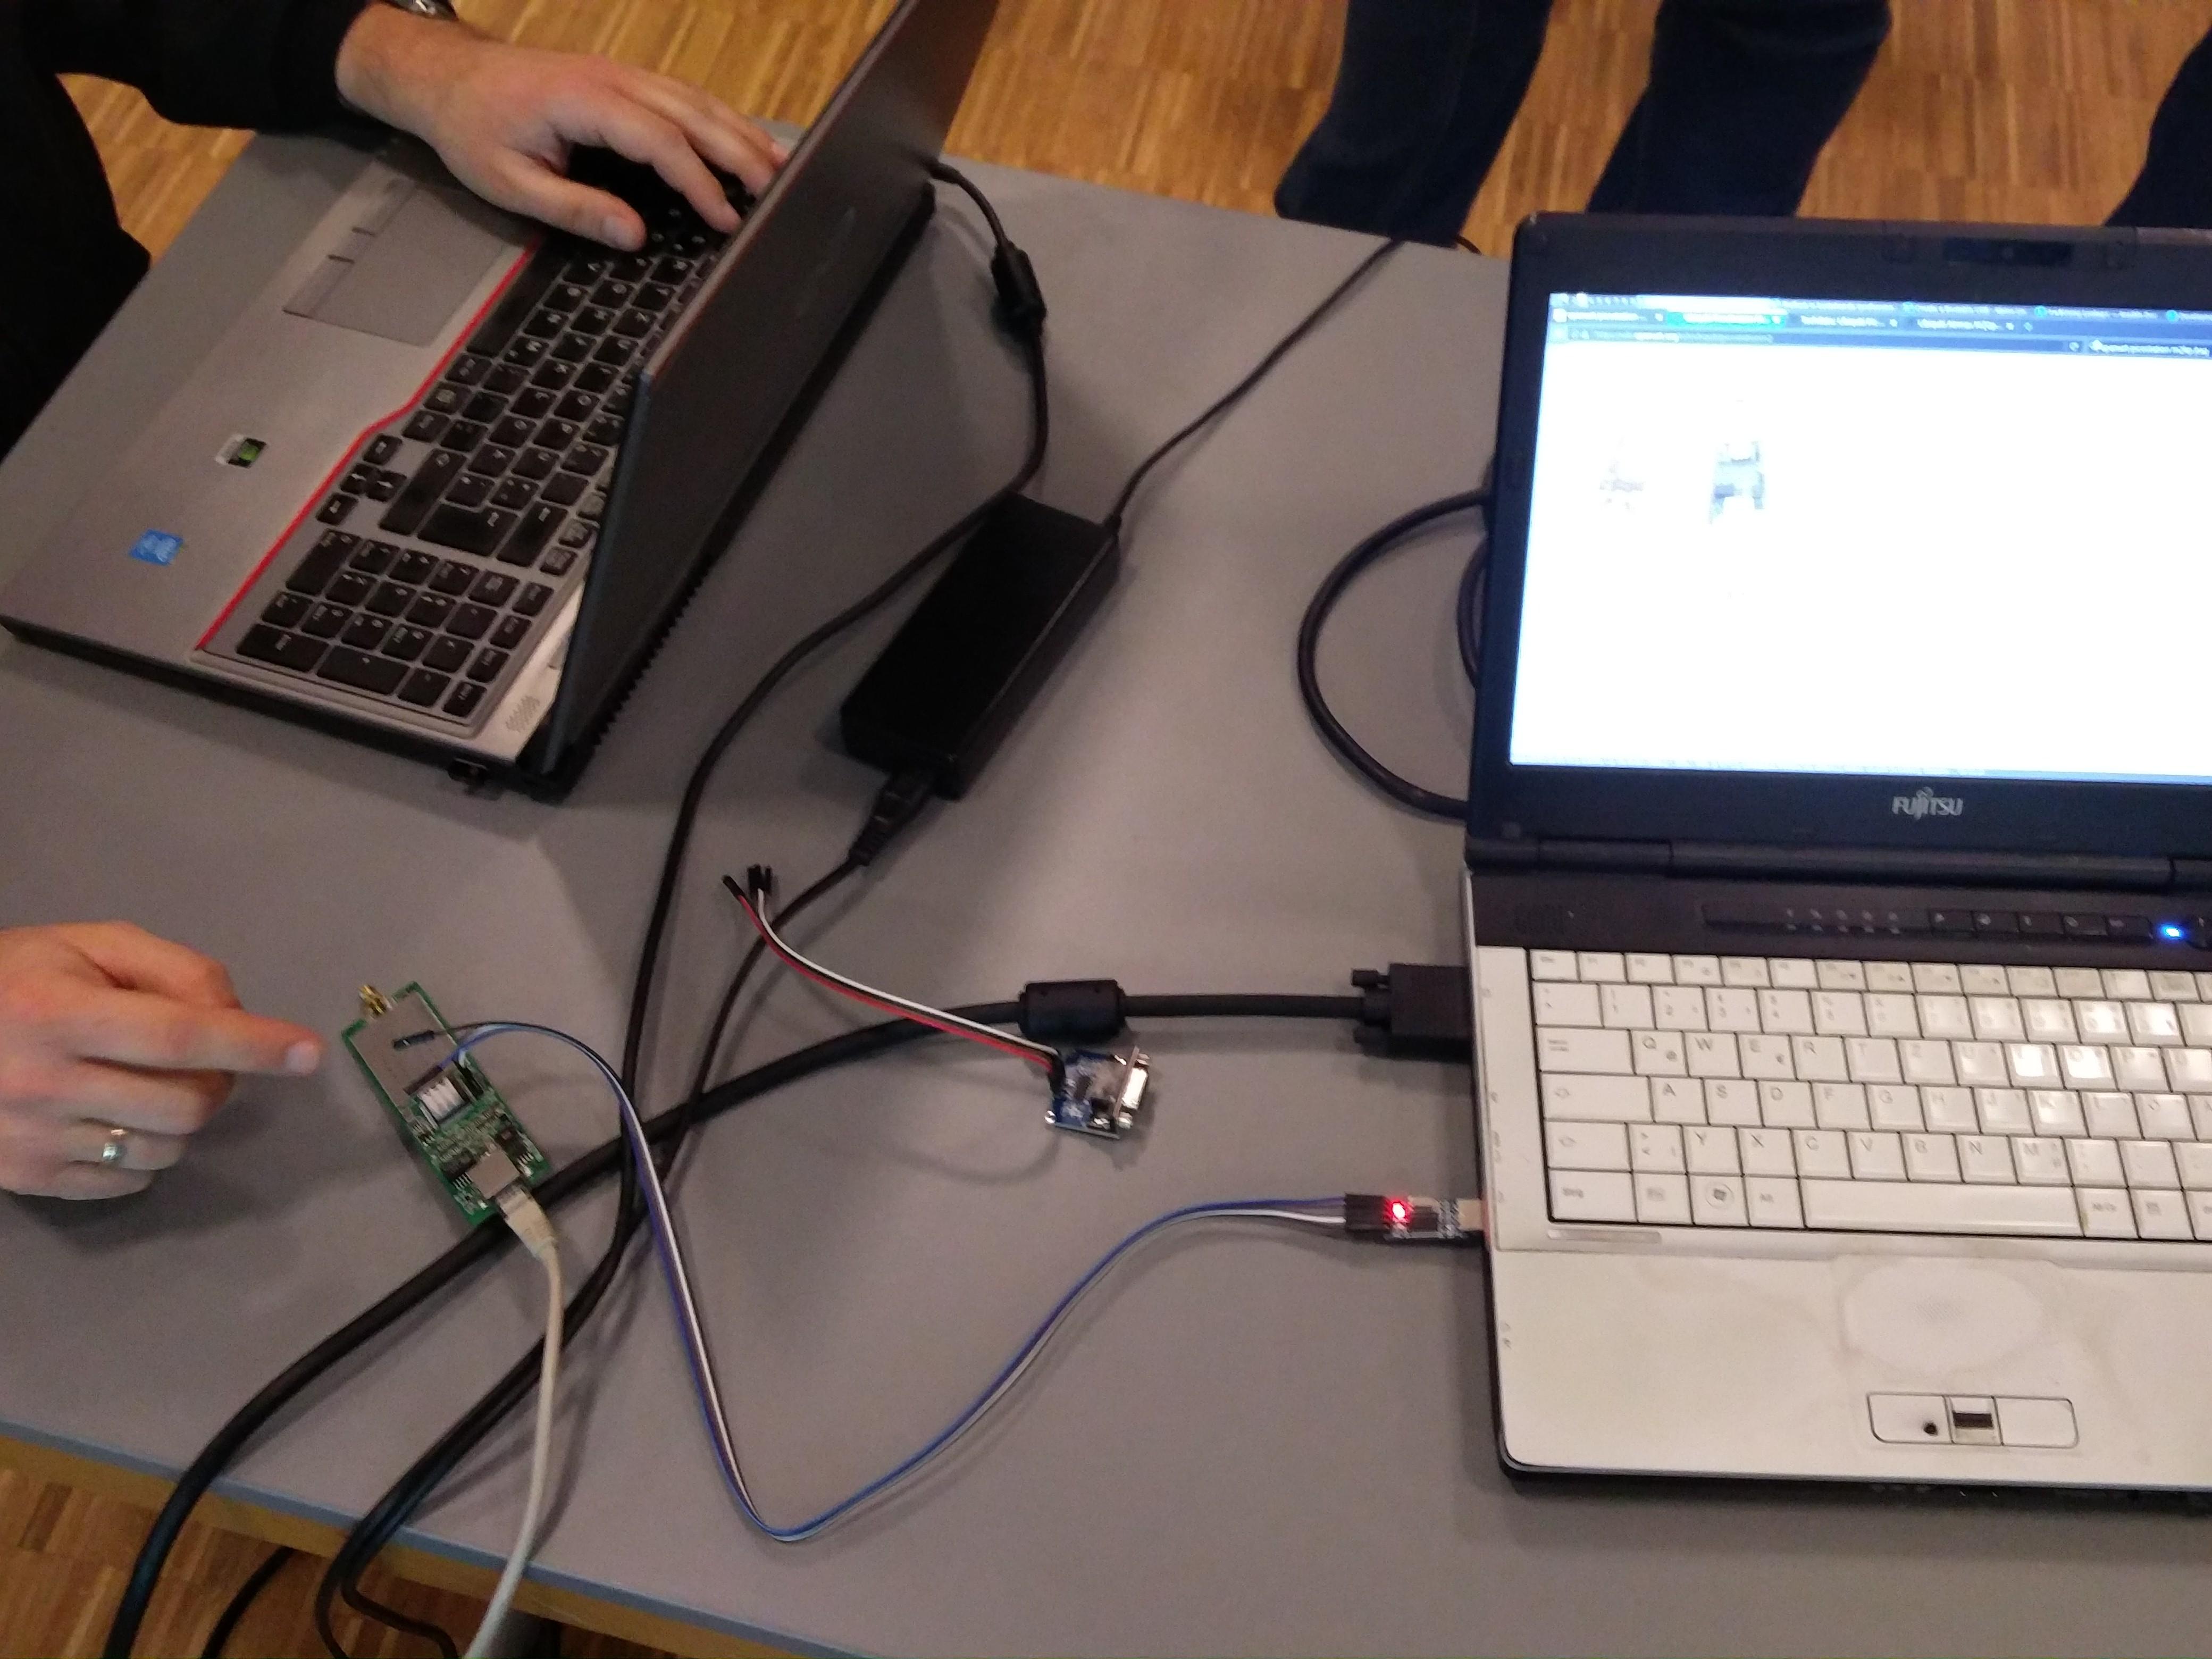 PicoStation mit USB-Seriell-Adapter (Achtung! 3,3V!) am Laptop angeschlossen